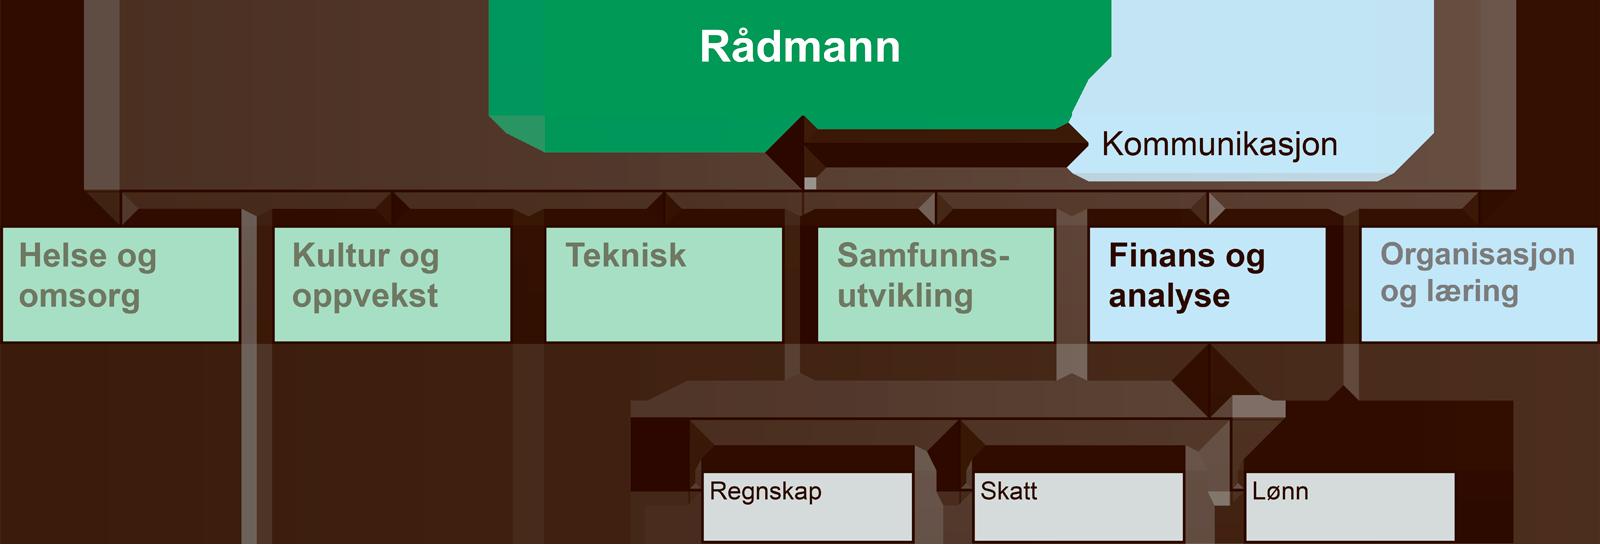 Organisasjonskart for finans og analyse